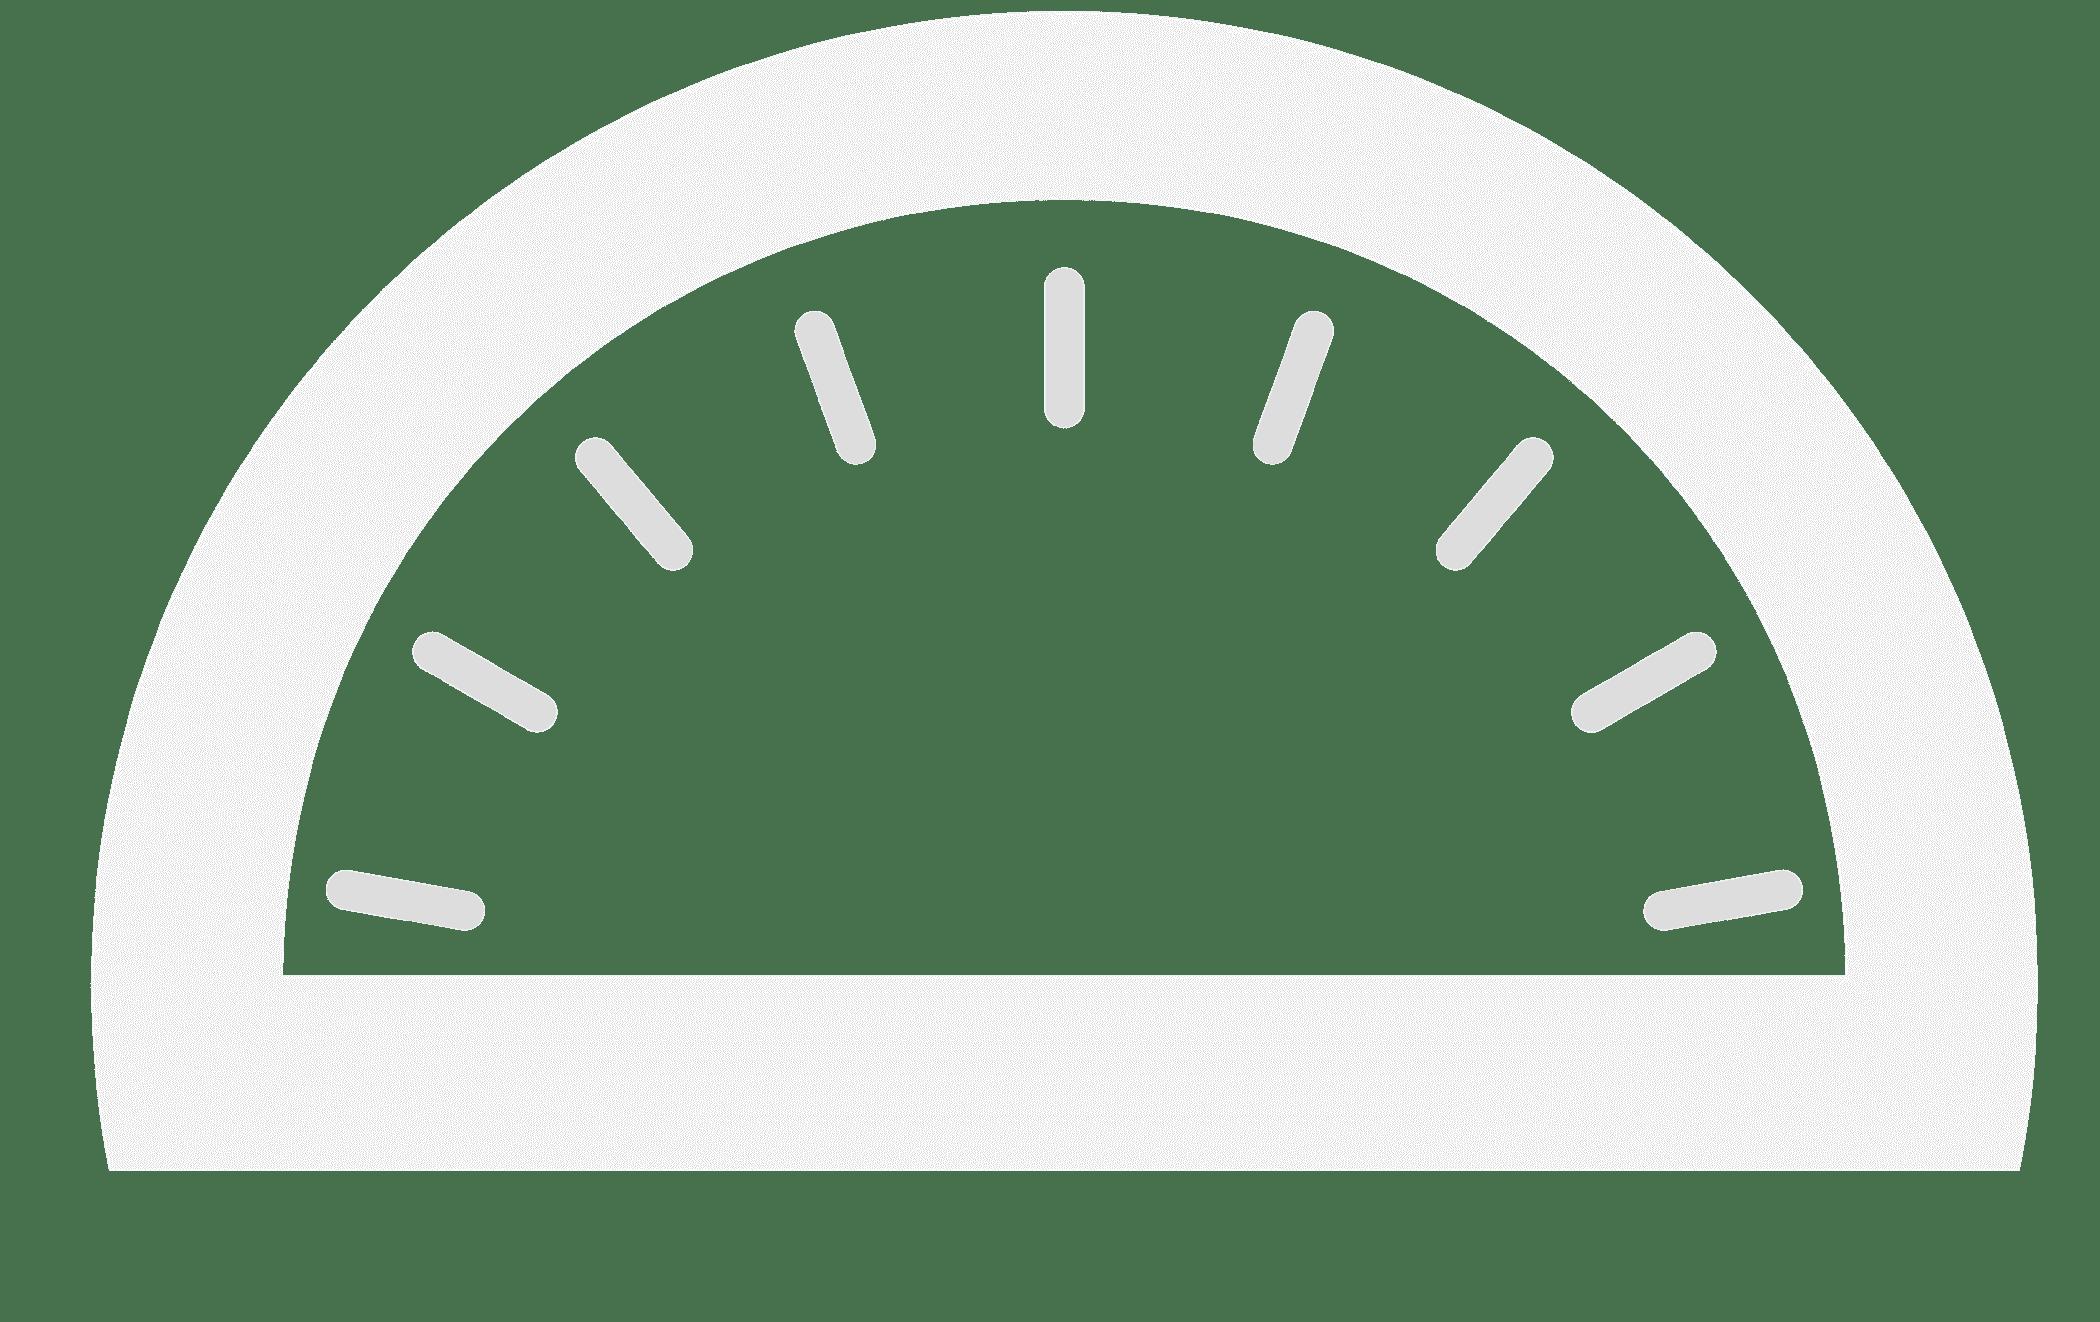 Gesture, Clock, Font